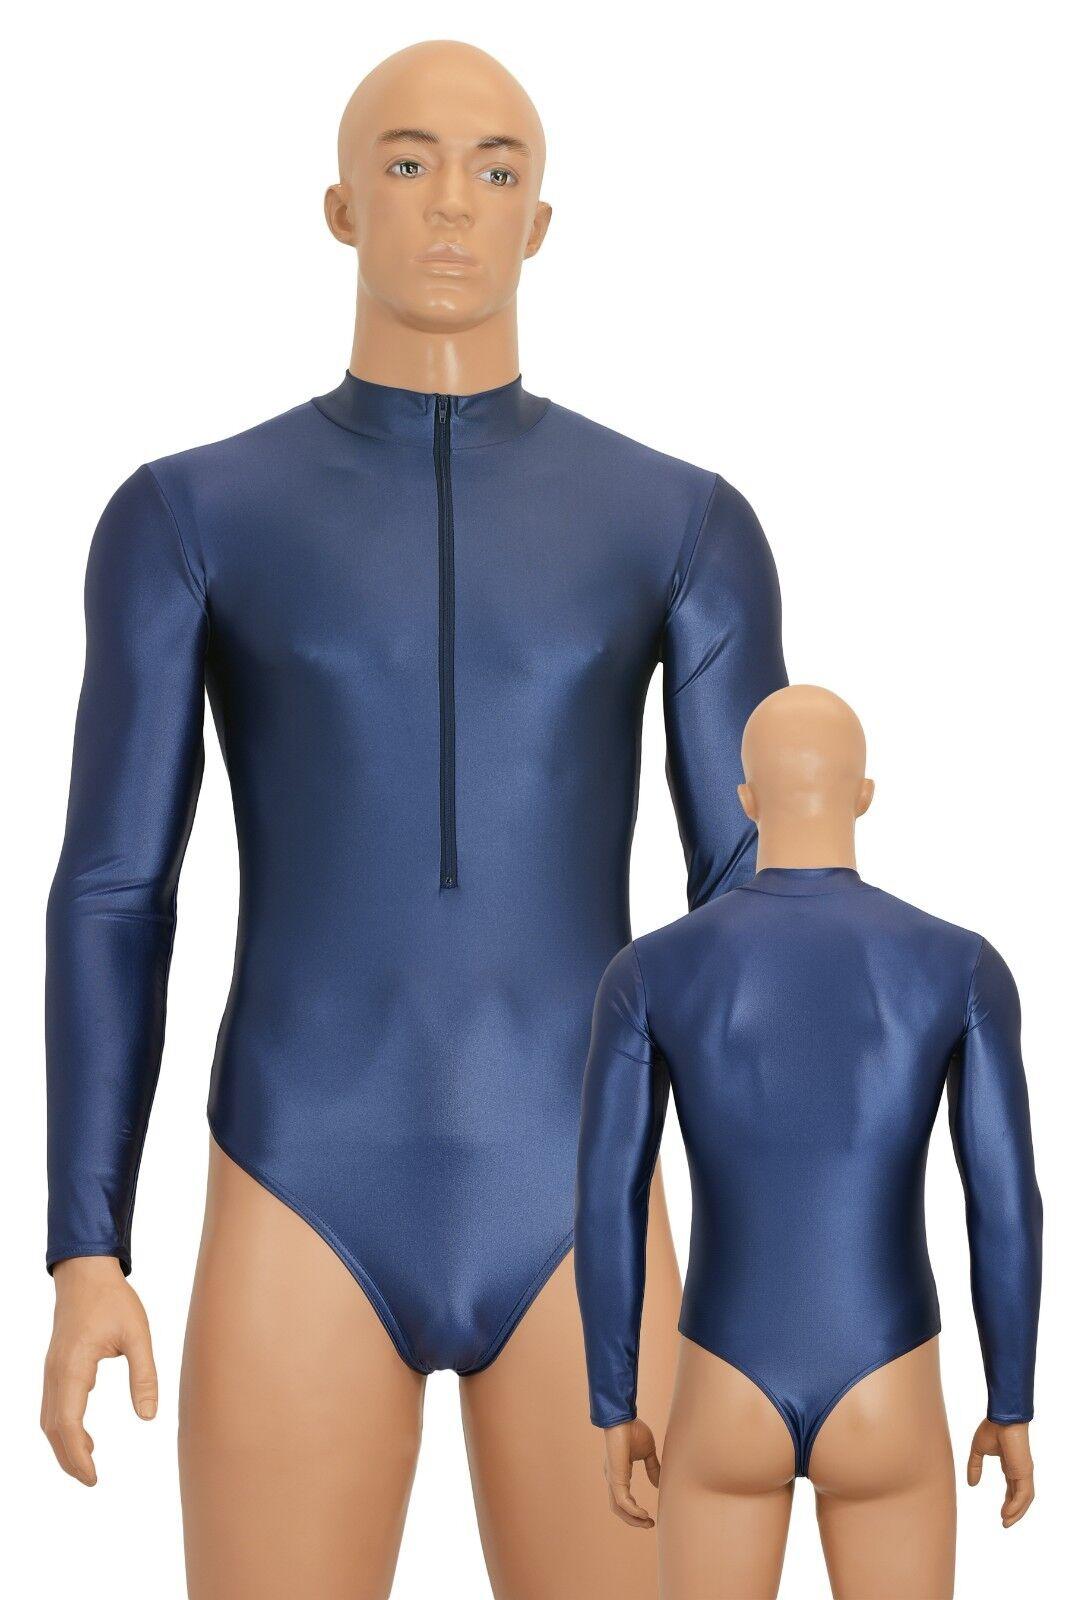 Herren Stringbody FRV Long Sleeves Wetlook Shine Stretch Shiny Stretchy Skinny